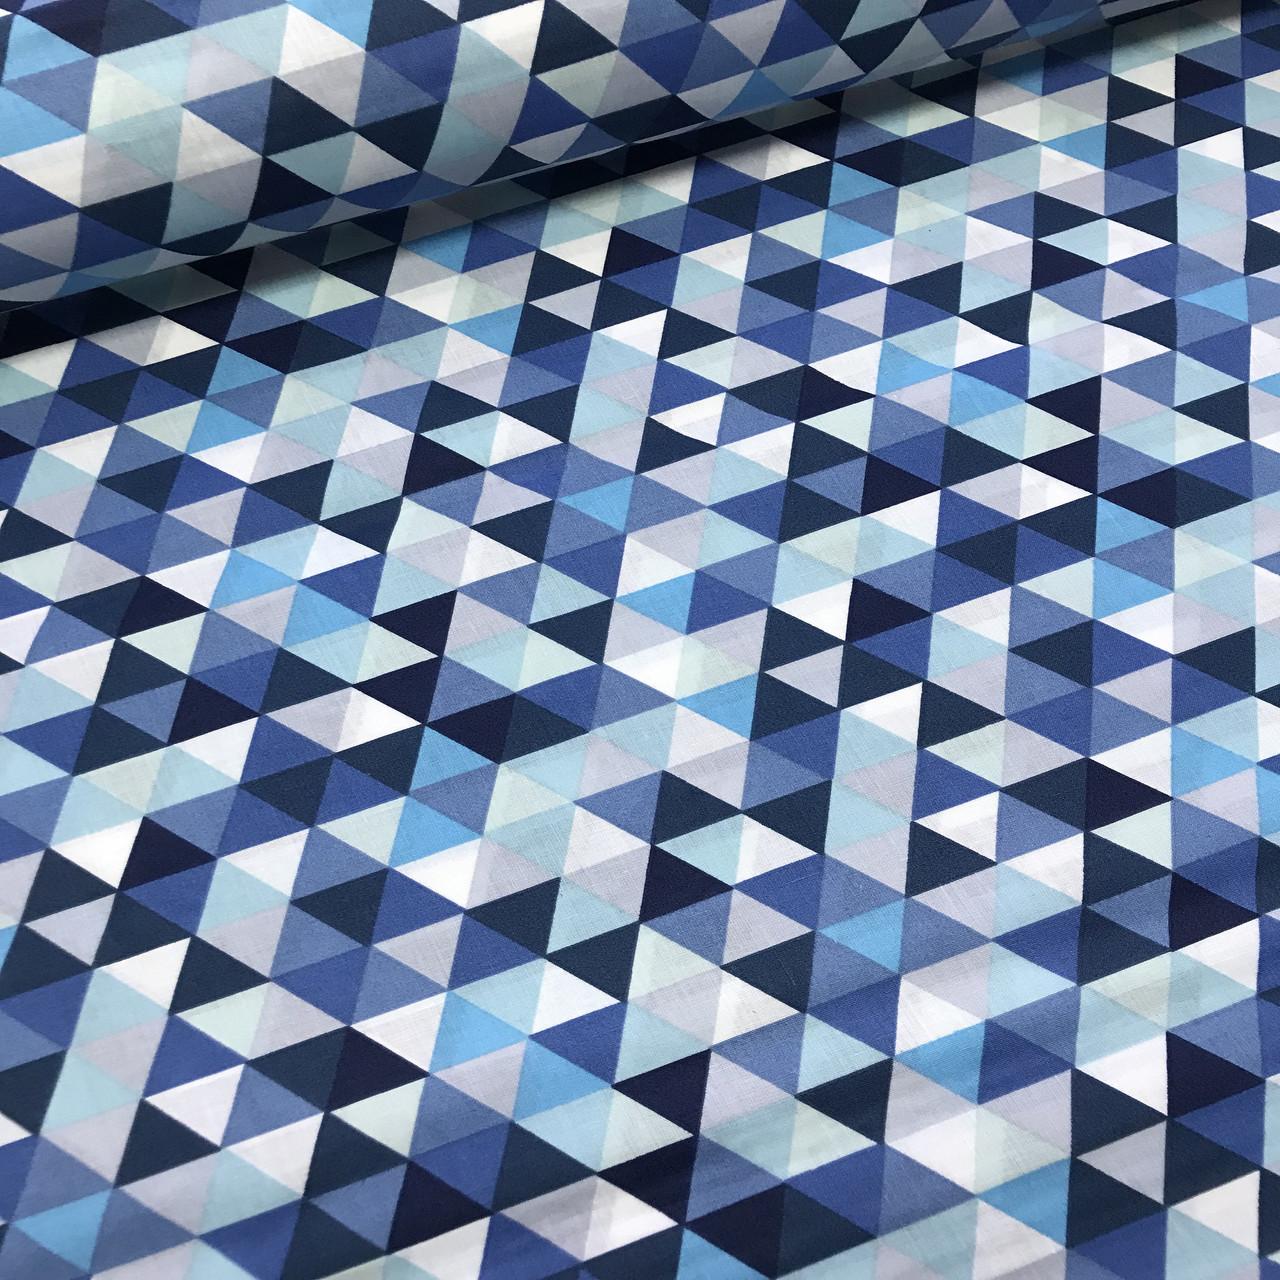 Хлопковая ткань польская треугольники мелкие серые, голубые, темно-синие №90